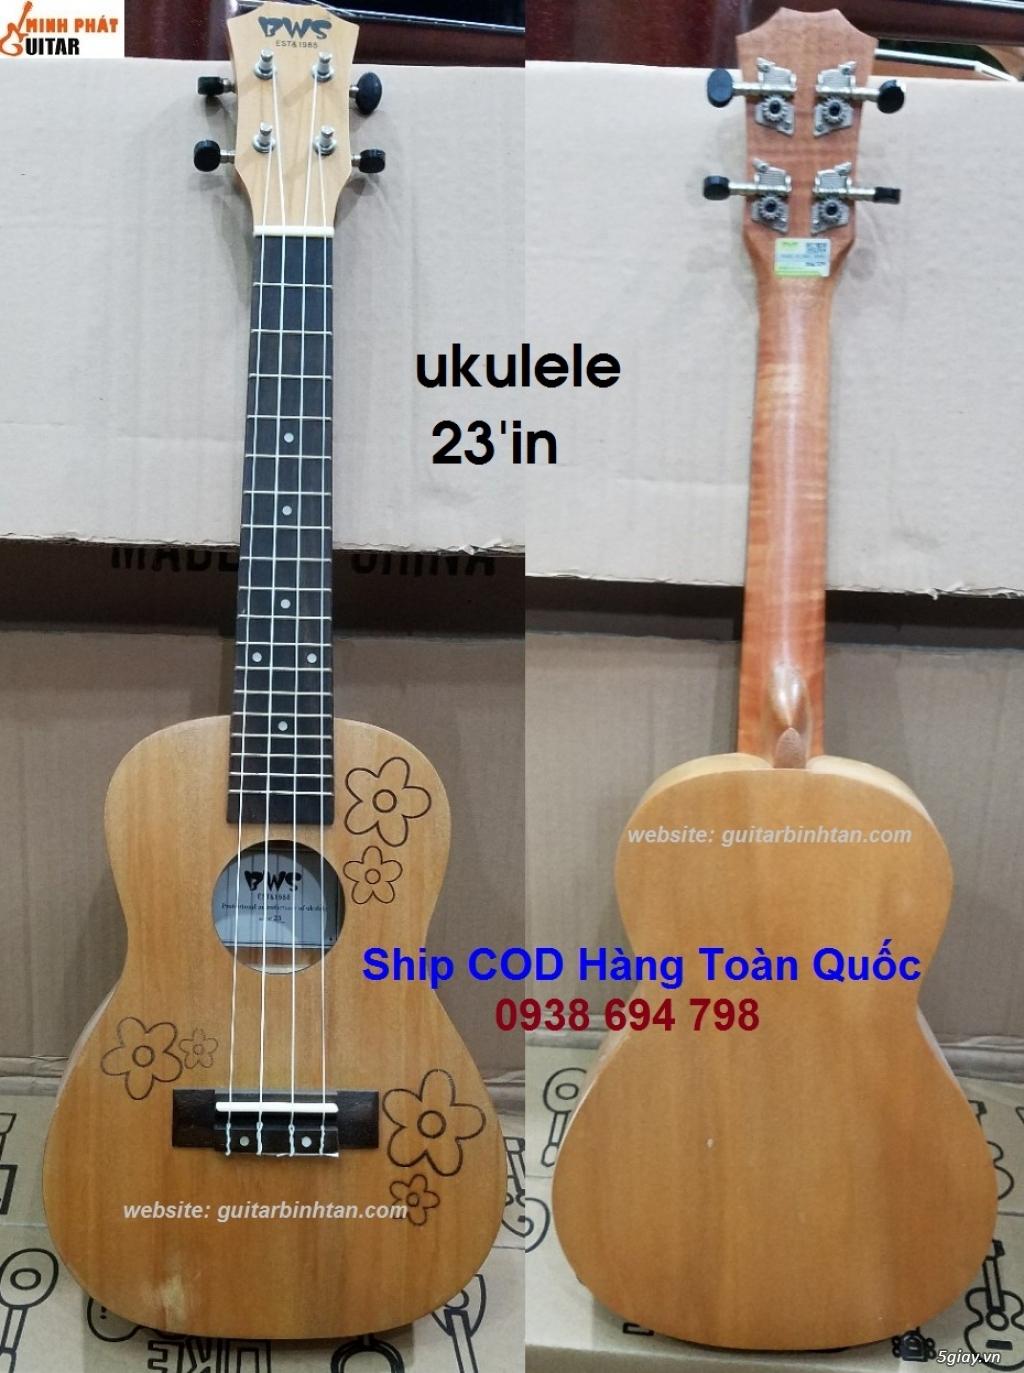 Đàn ukulele giá rẻ toàn quốc - ship COD toàn quốc - 22